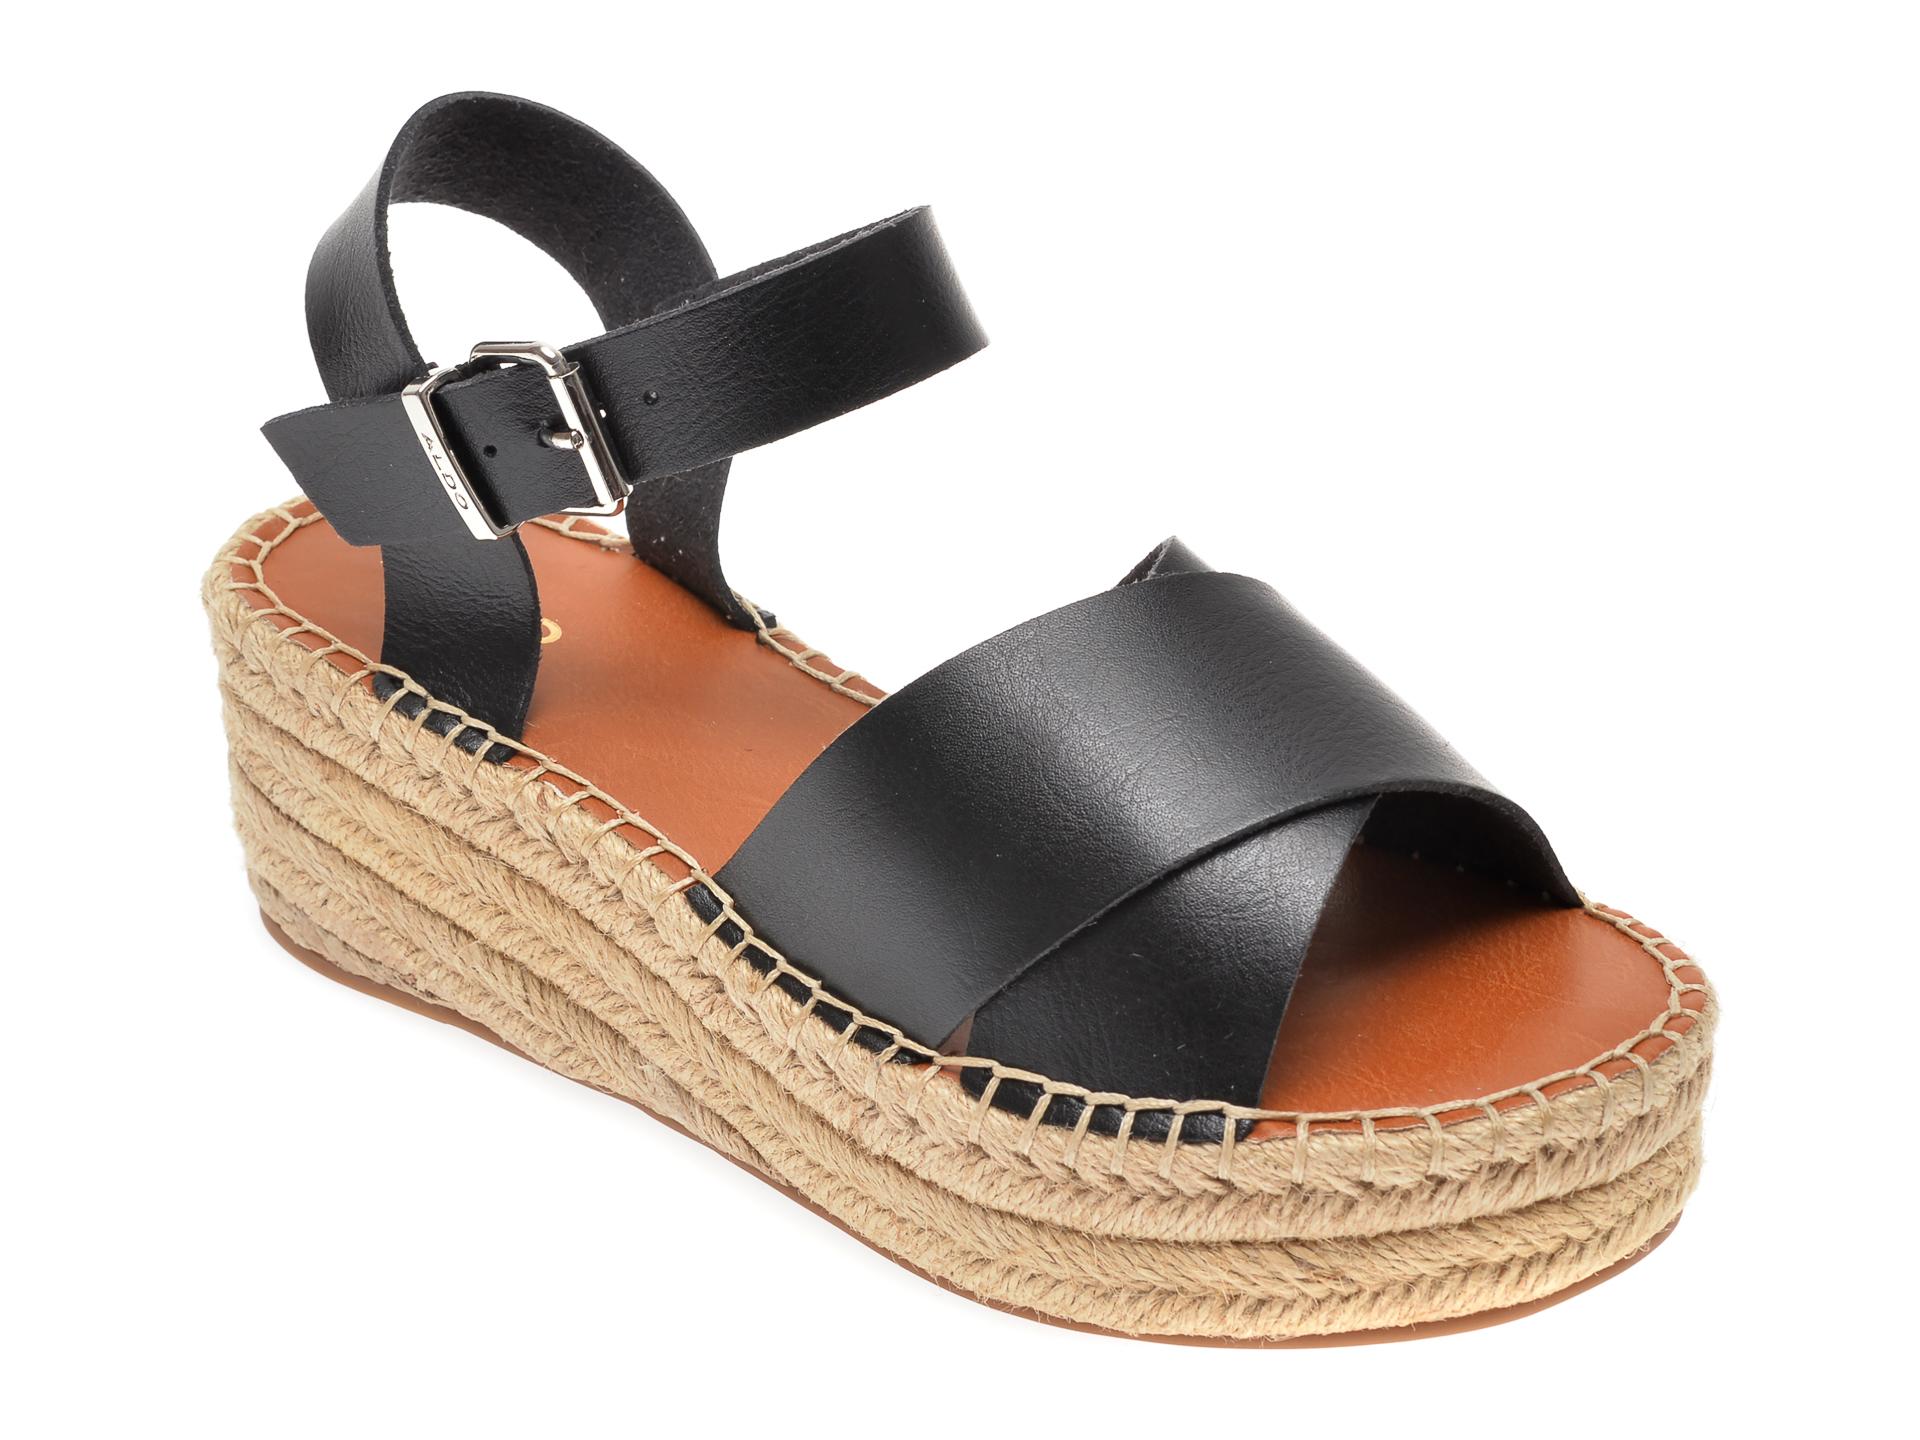 Sandale ALDO negre, Tineviel001, din piele ecologica